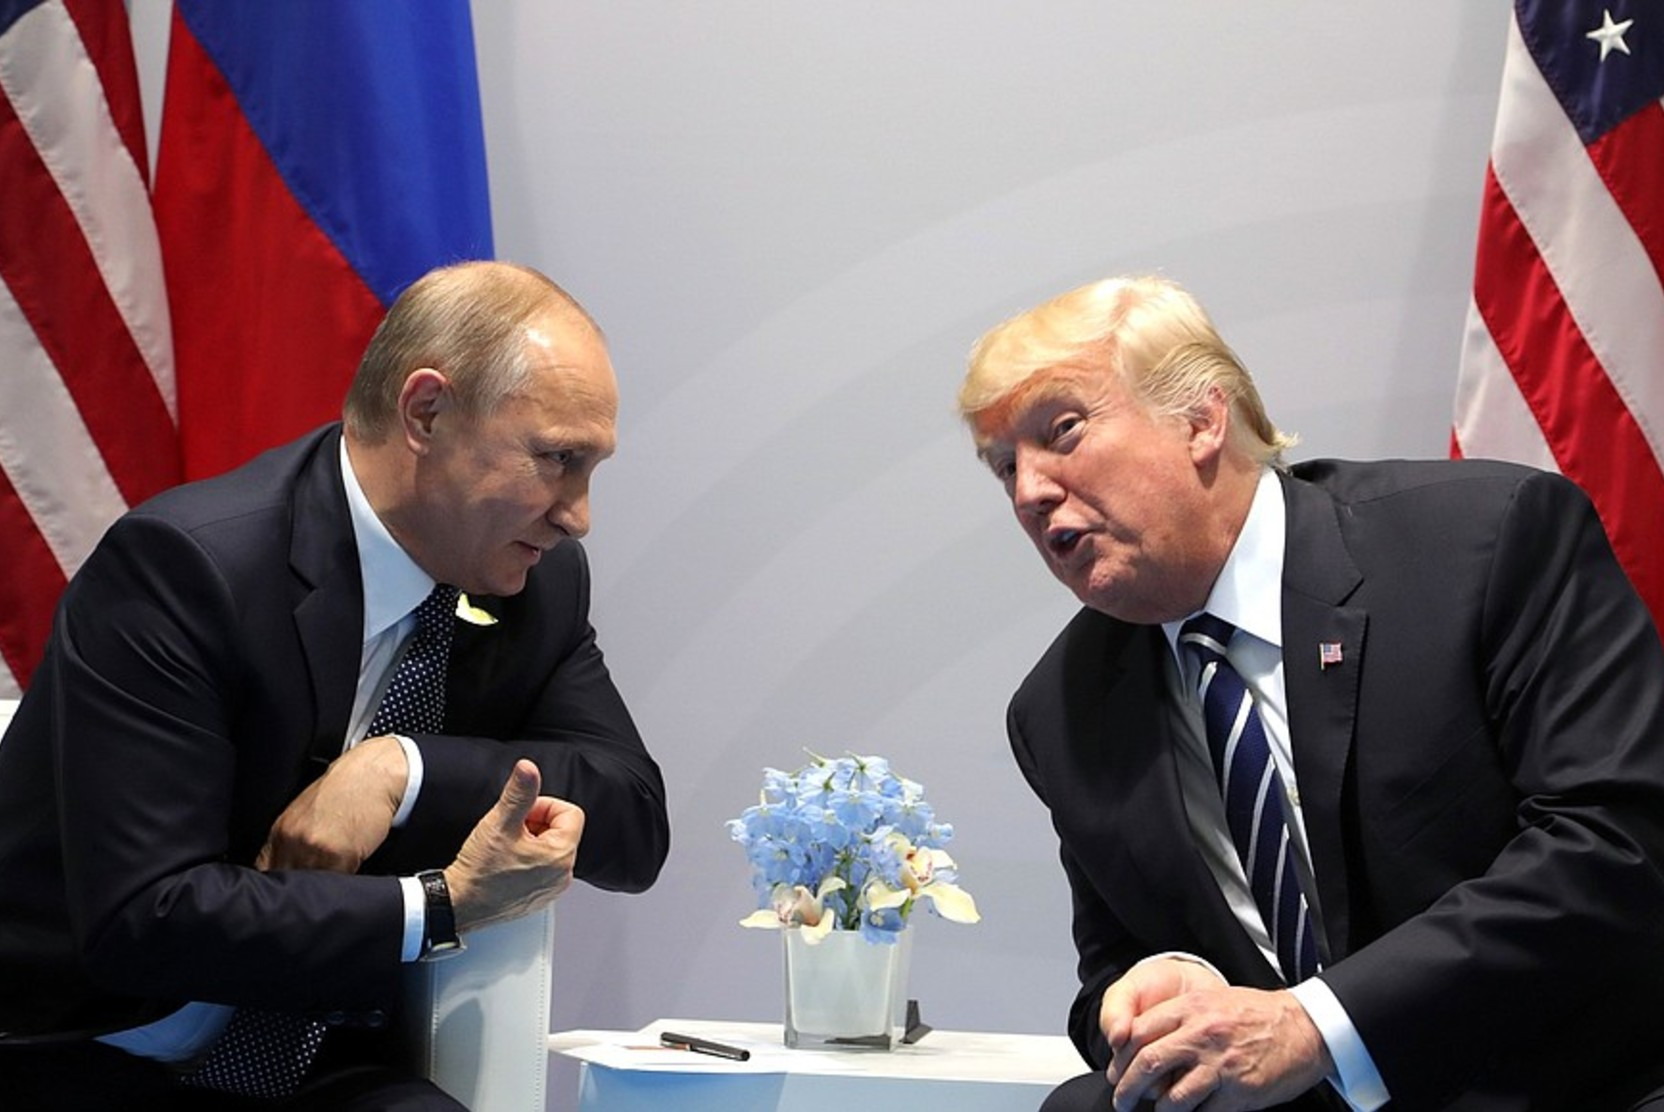 Путин: Трамп - яркая личность